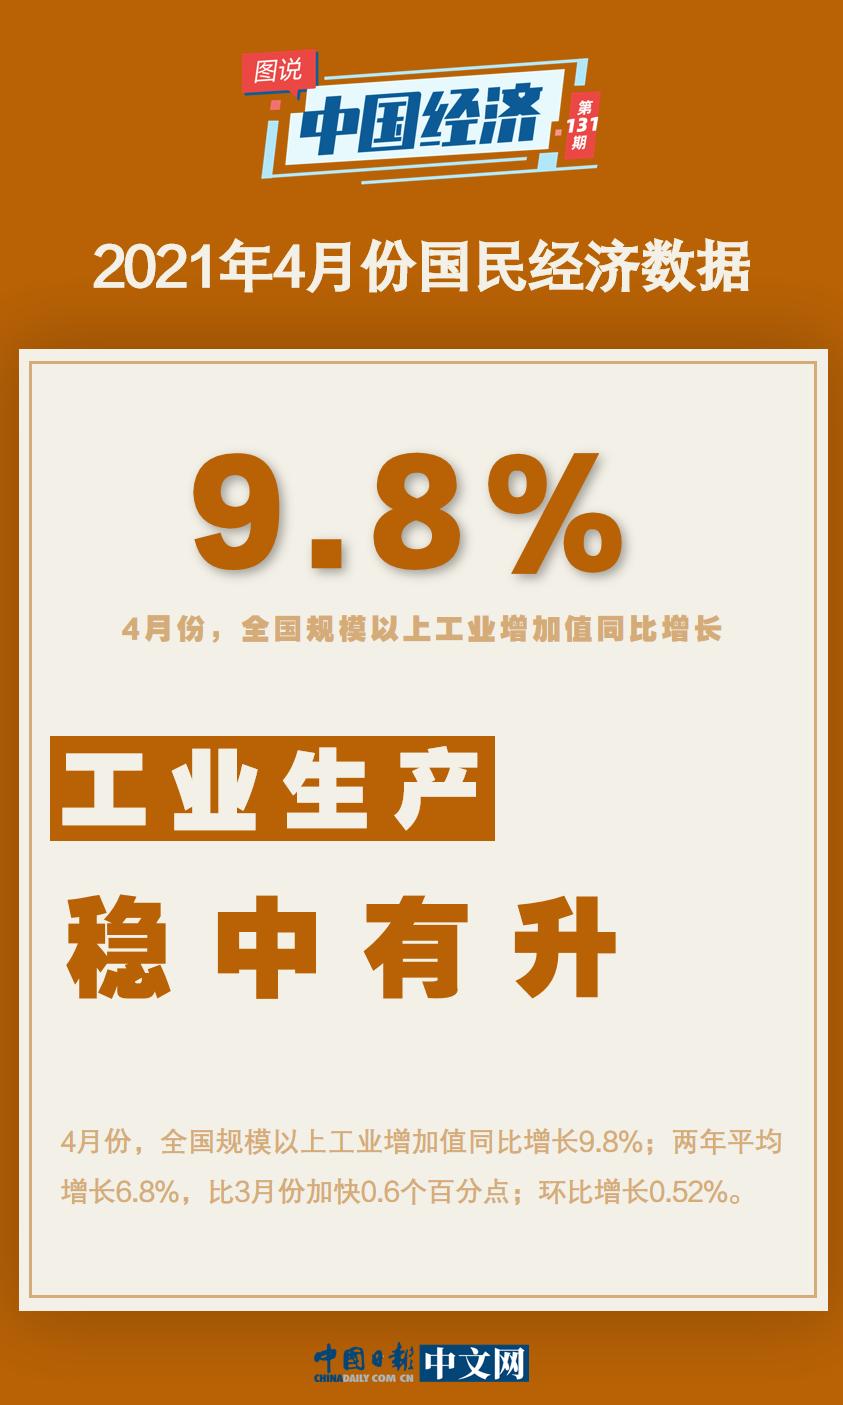 【图说中国经济】4月份国民经济运行数据公布:稳中加固,稳中向好